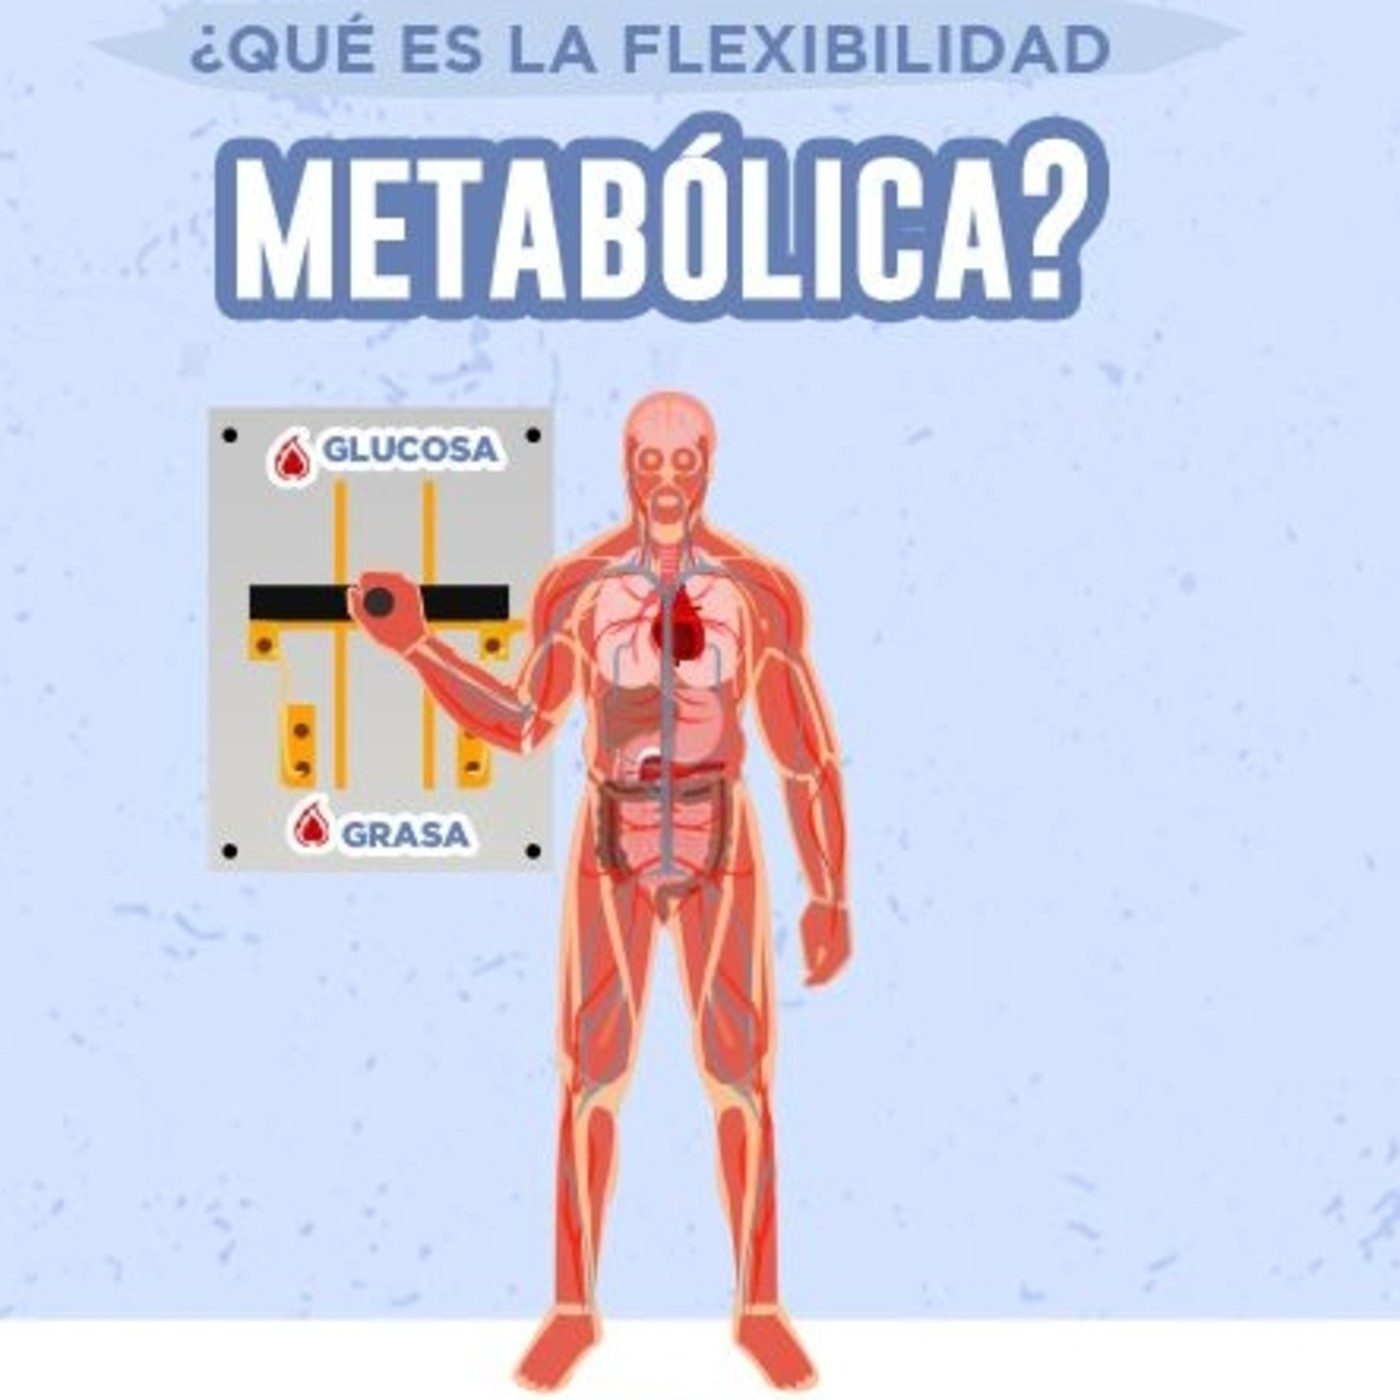 Episodio 68. Cómo ganar flexibilidad metabólica